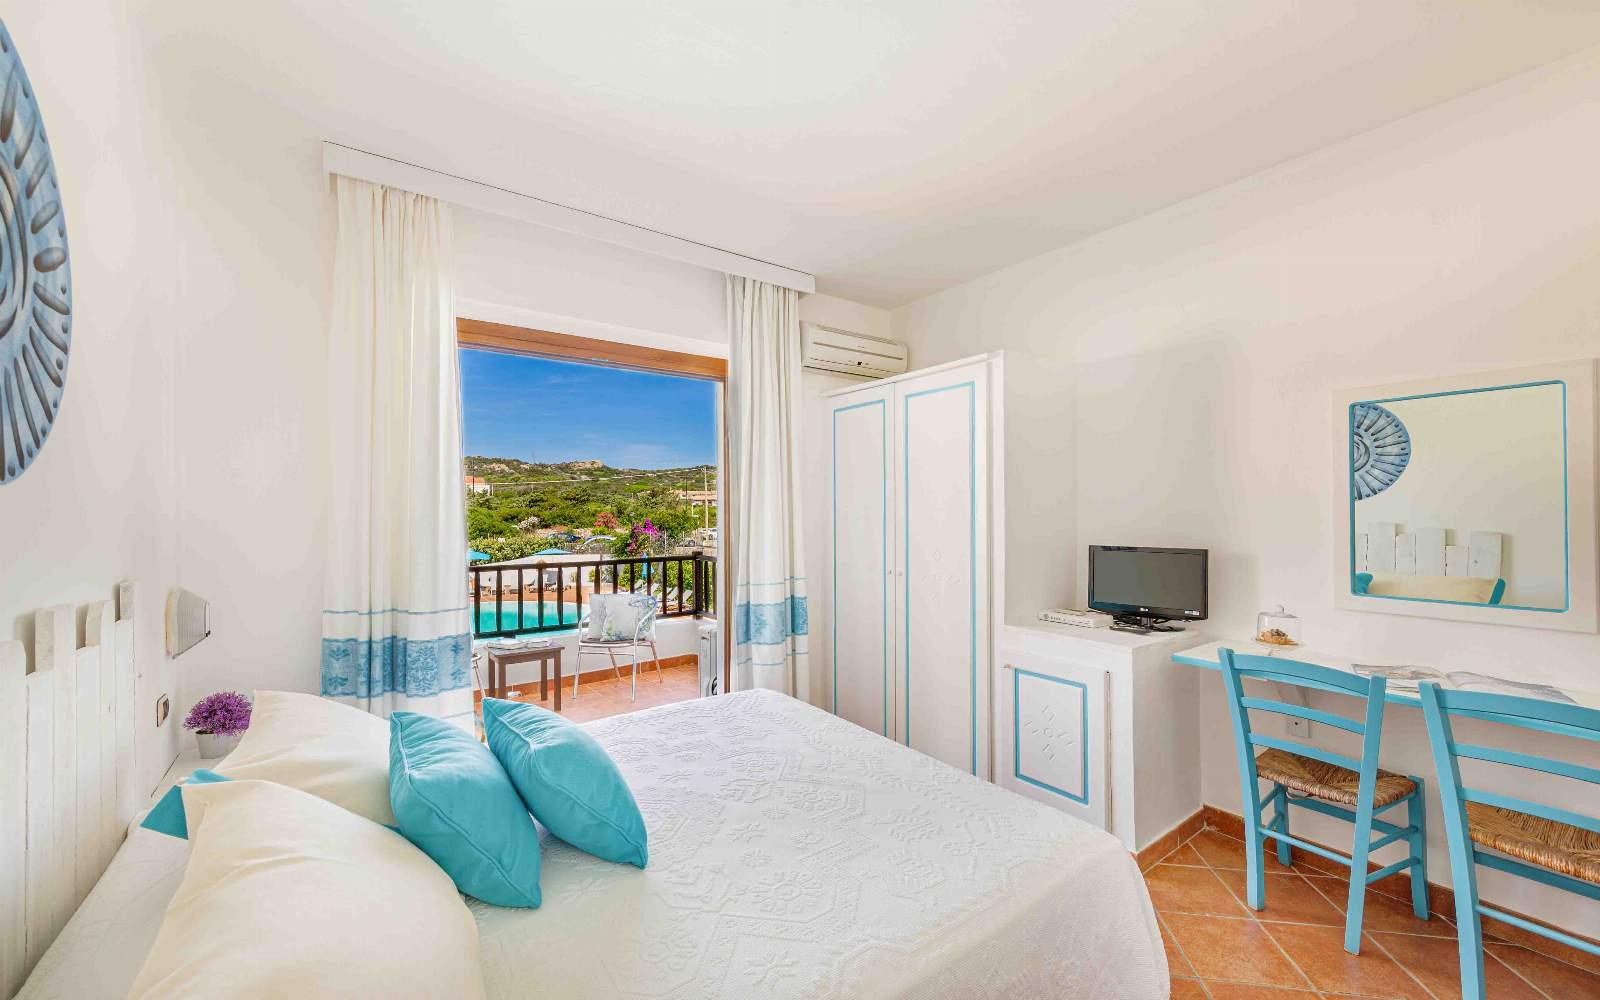 Hotel La Funtana Superior Pool Balcony Room